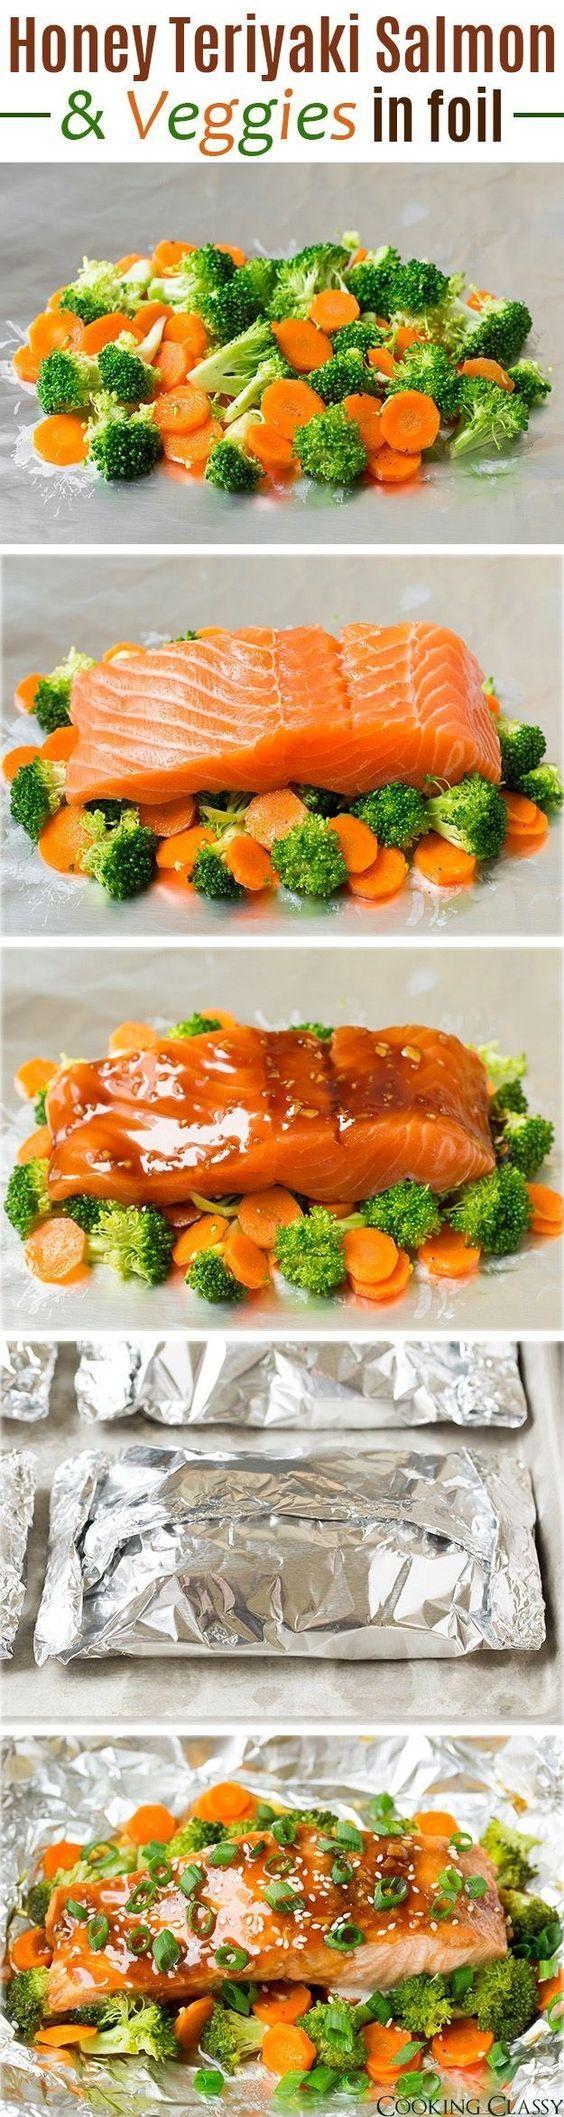 Salmón teriyaki con miel y vegetales | 19 Platos de salmón rápidos y saludables que todo el mundo puede preparar